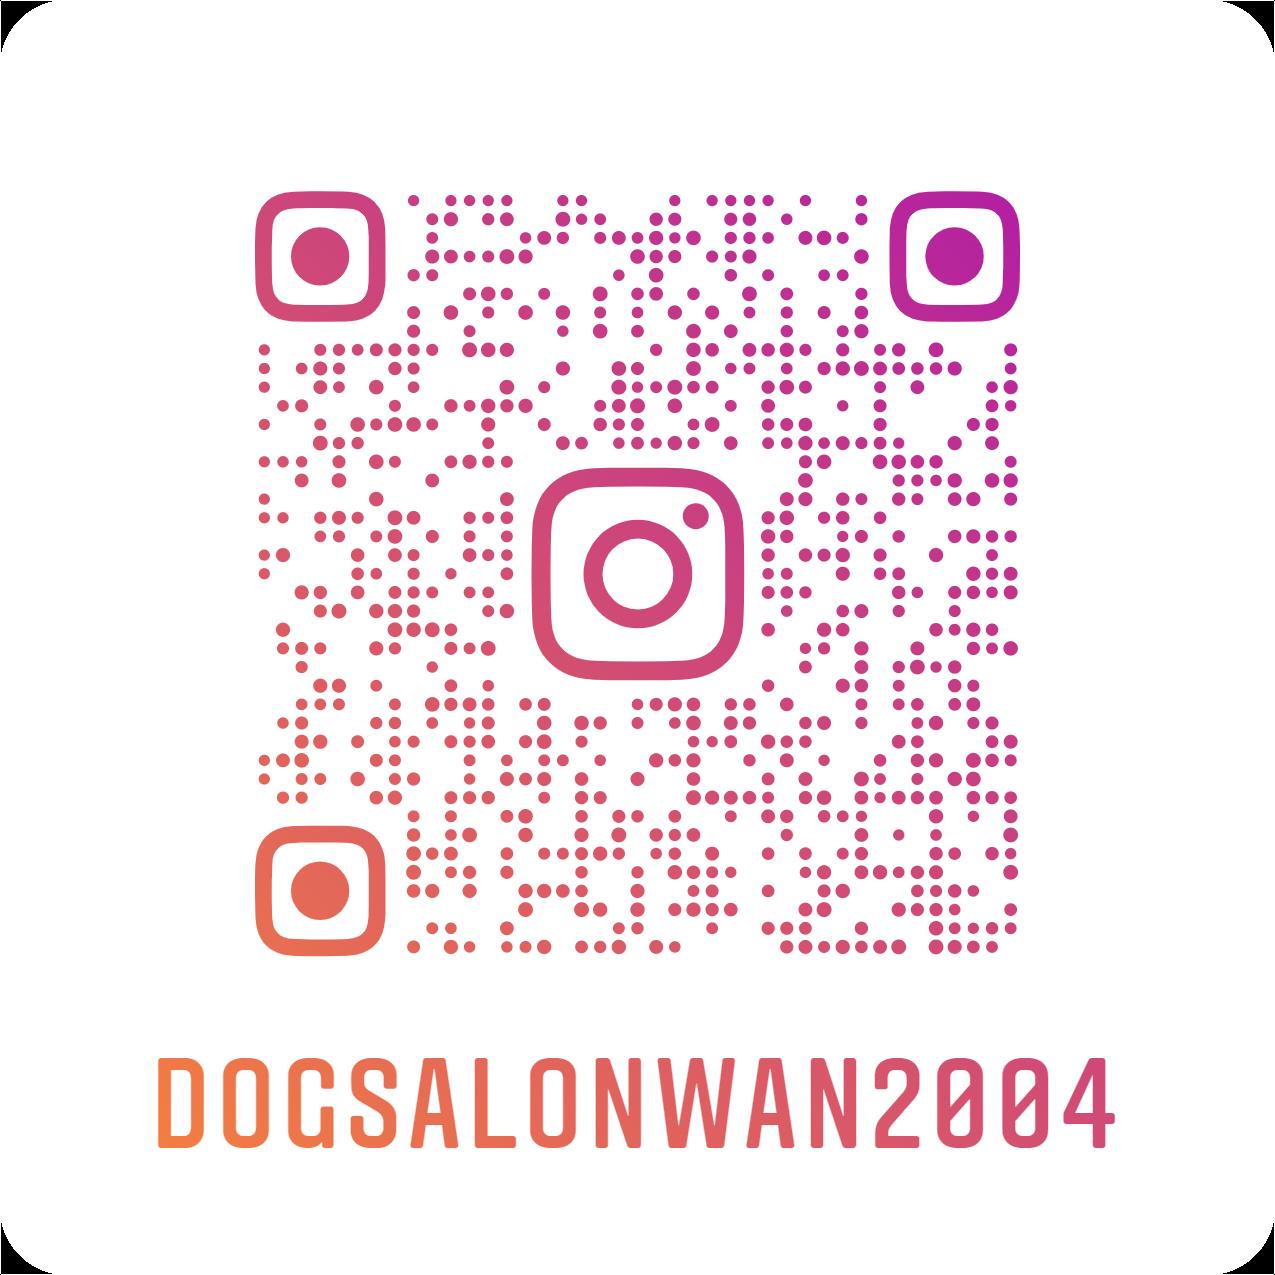 dogsalonwan2004_nametag_2021041114082228f.png